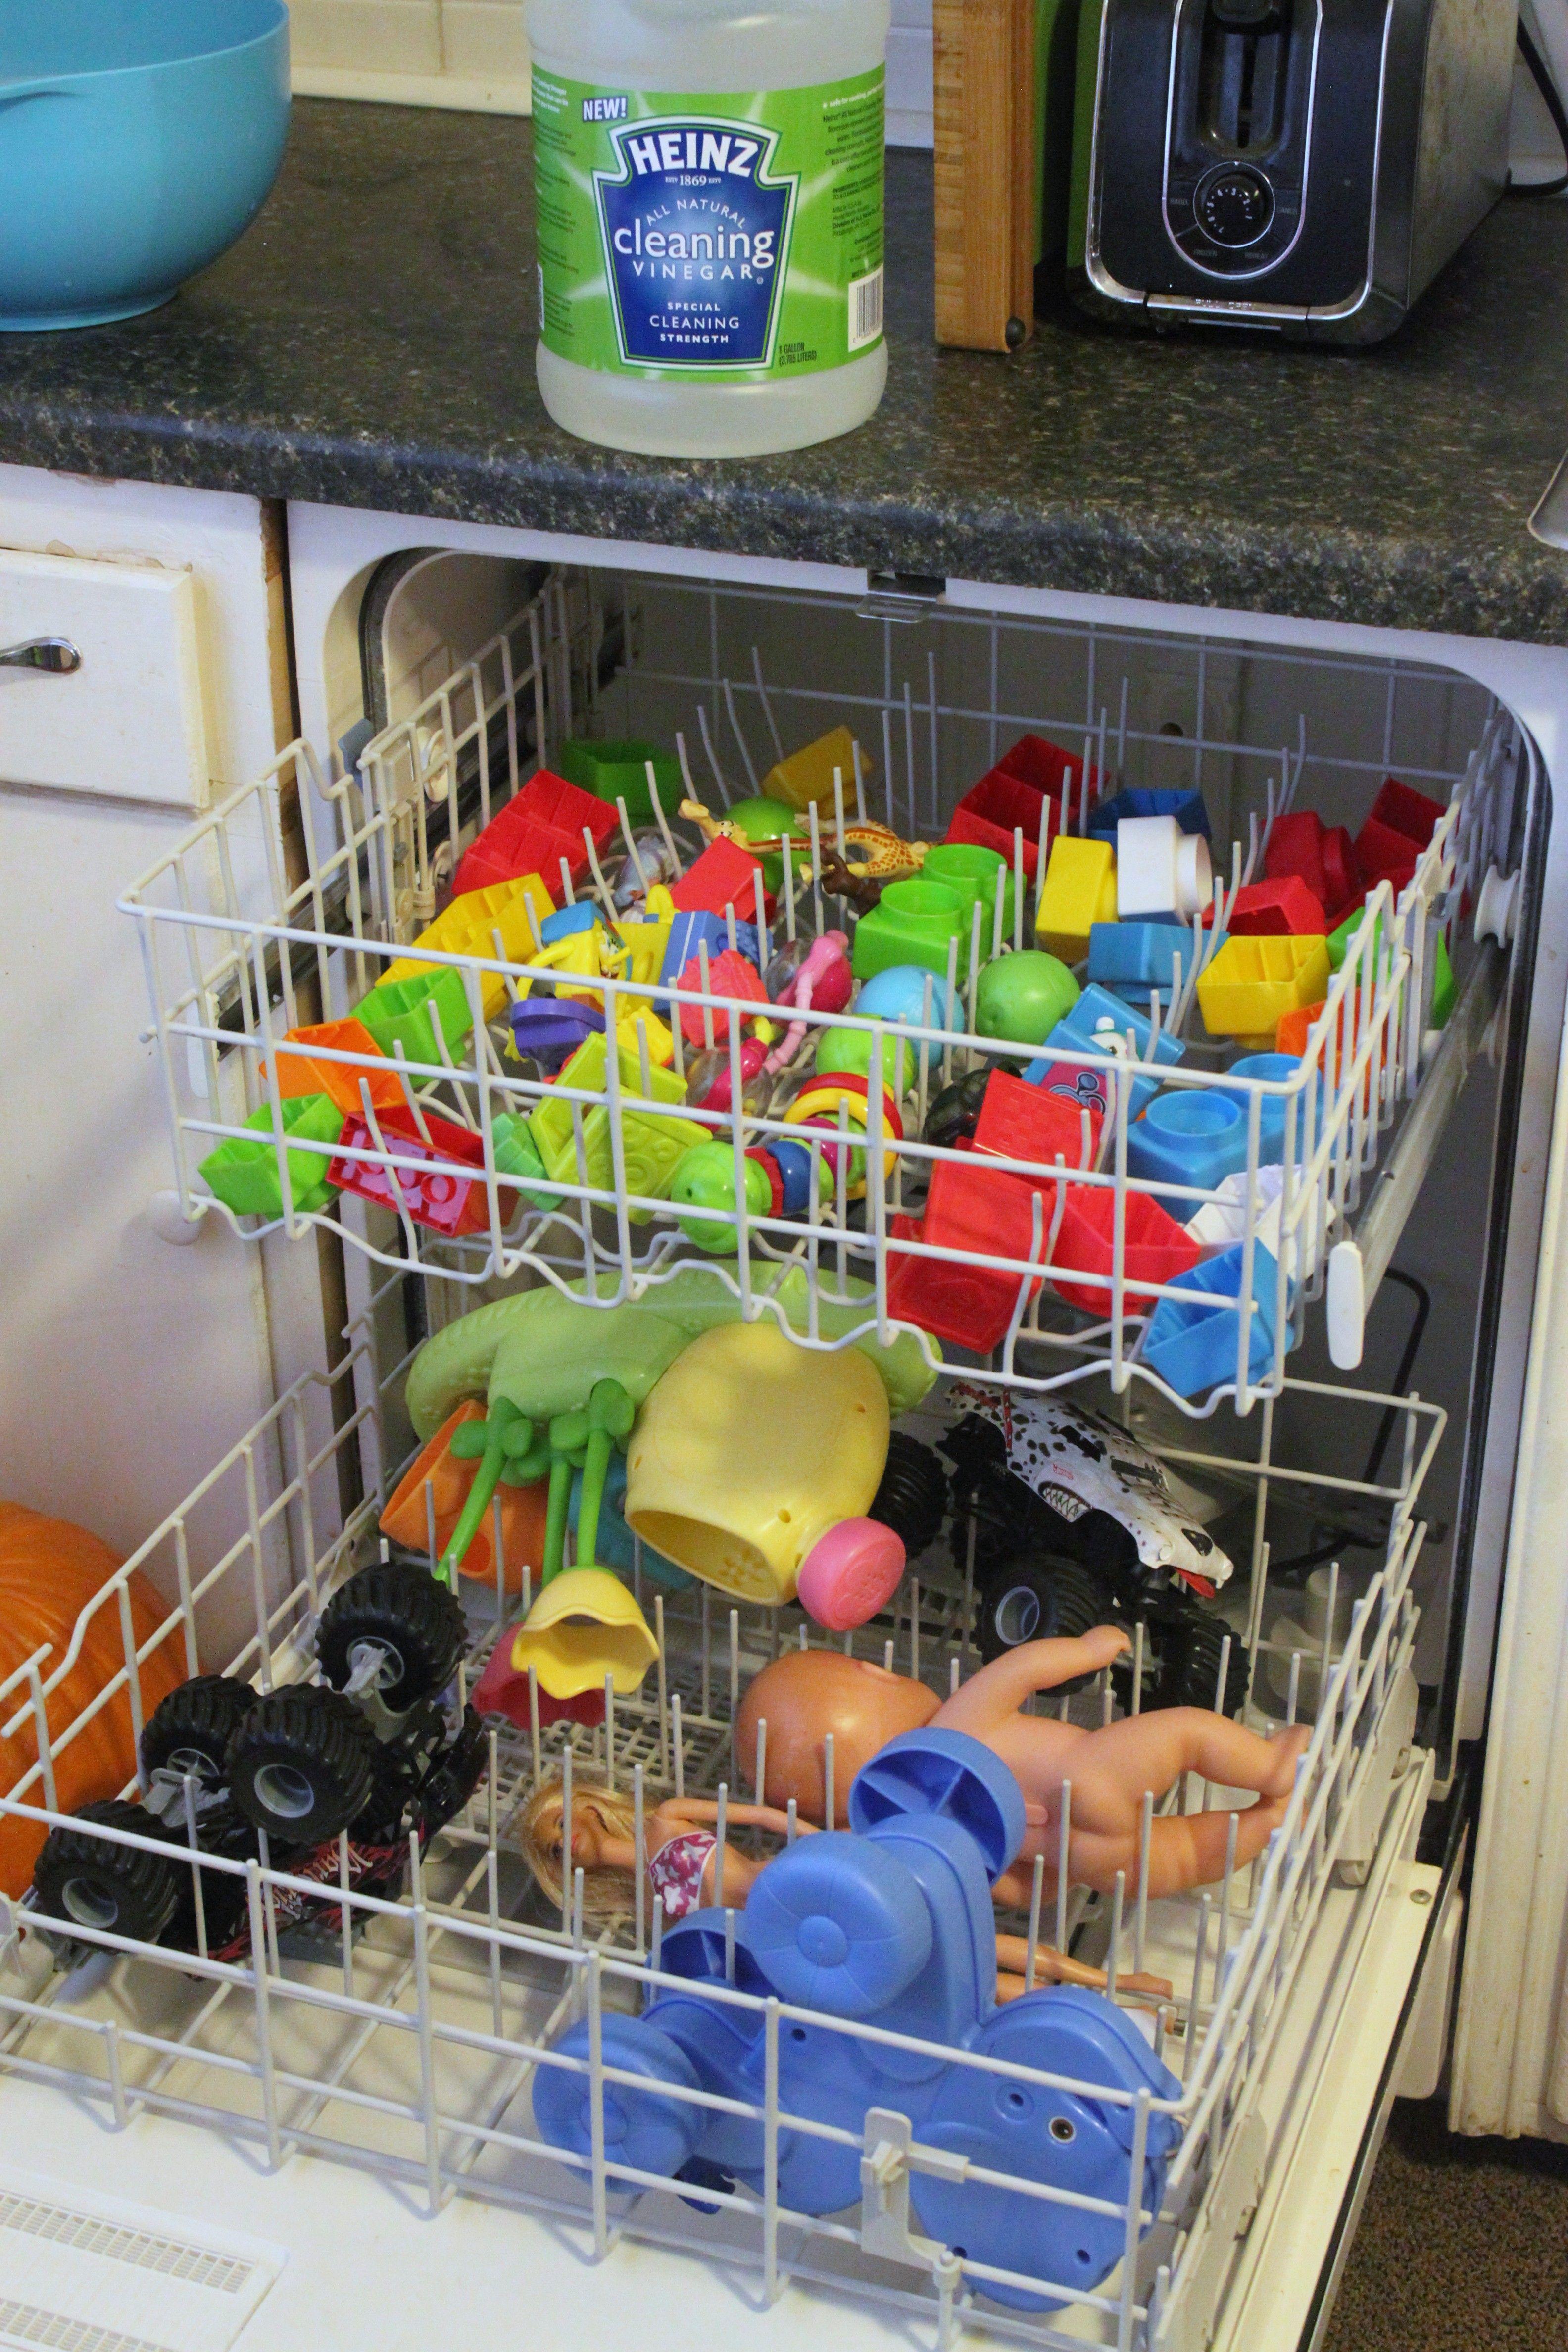 Nettoyer Lave Vaisselle Vinaigre désinfecter les jouets dans le lave vaisselle avec 1c de